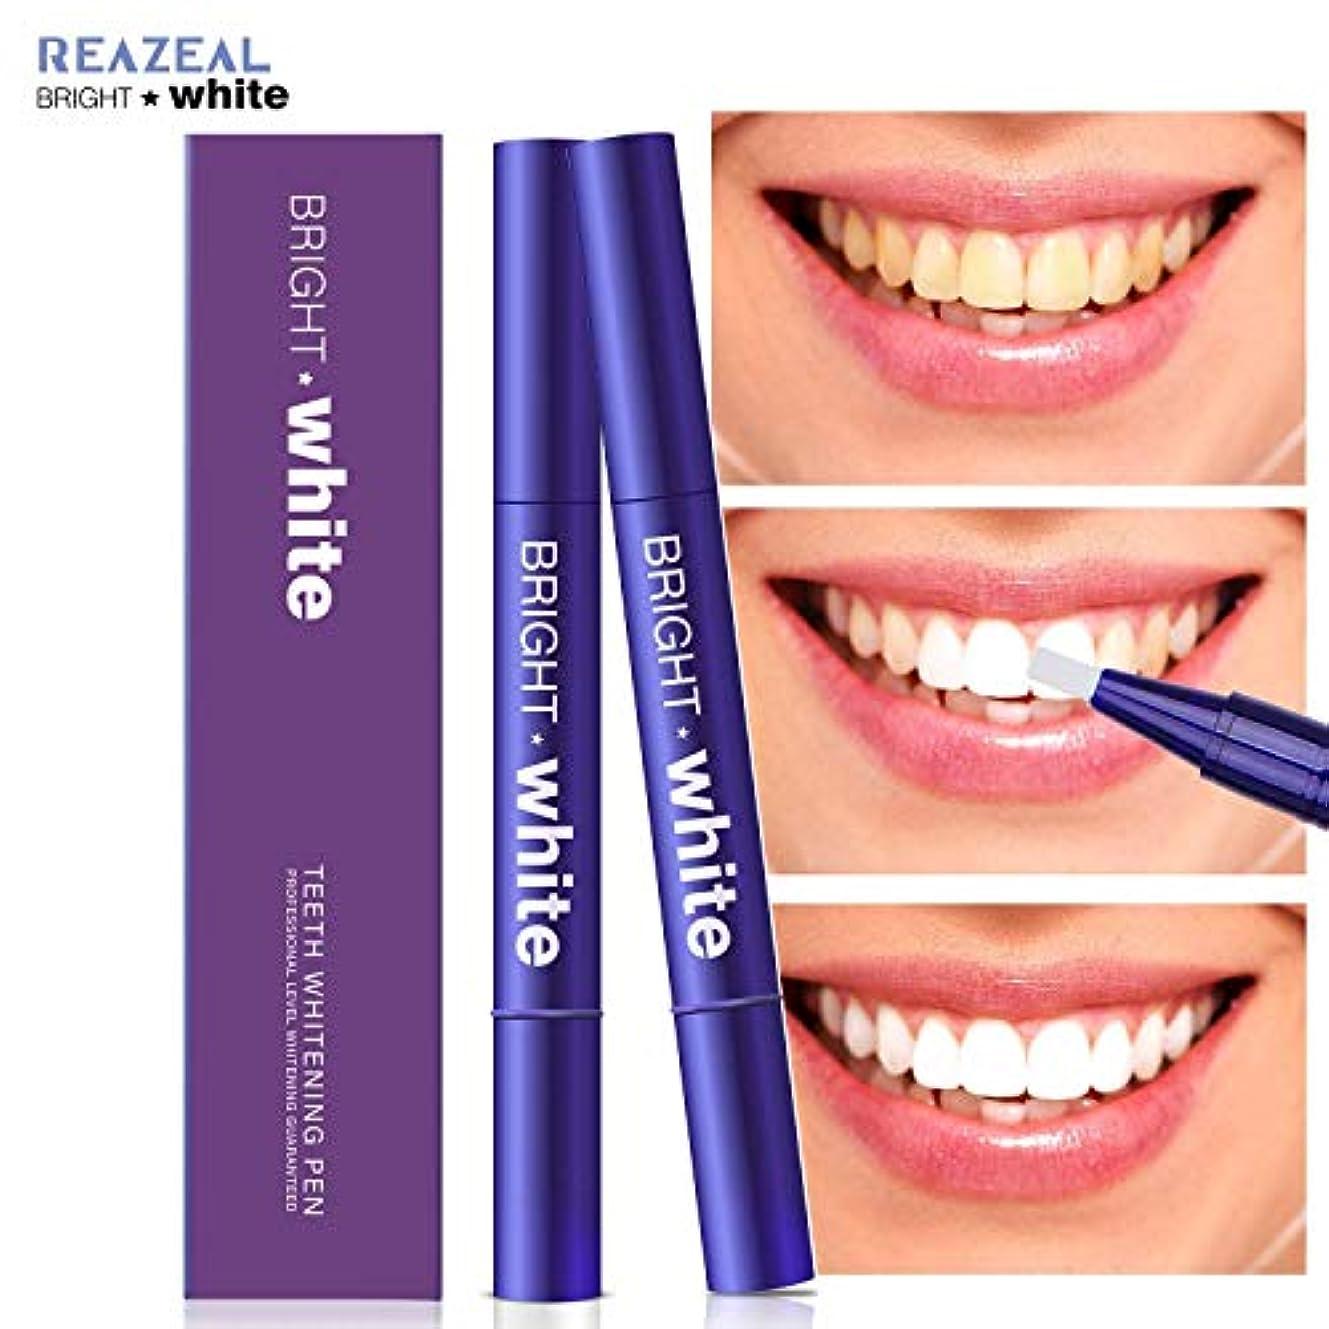 ホール小数ぐるぐる歯 ホワイトニング 歯磨き粉 ホワイトニング 歯 ホワイトニングペン ホワイトニングペン 歯ブラシ 輝く笑顔 口臭防止 一週間のホワイティング - 2個